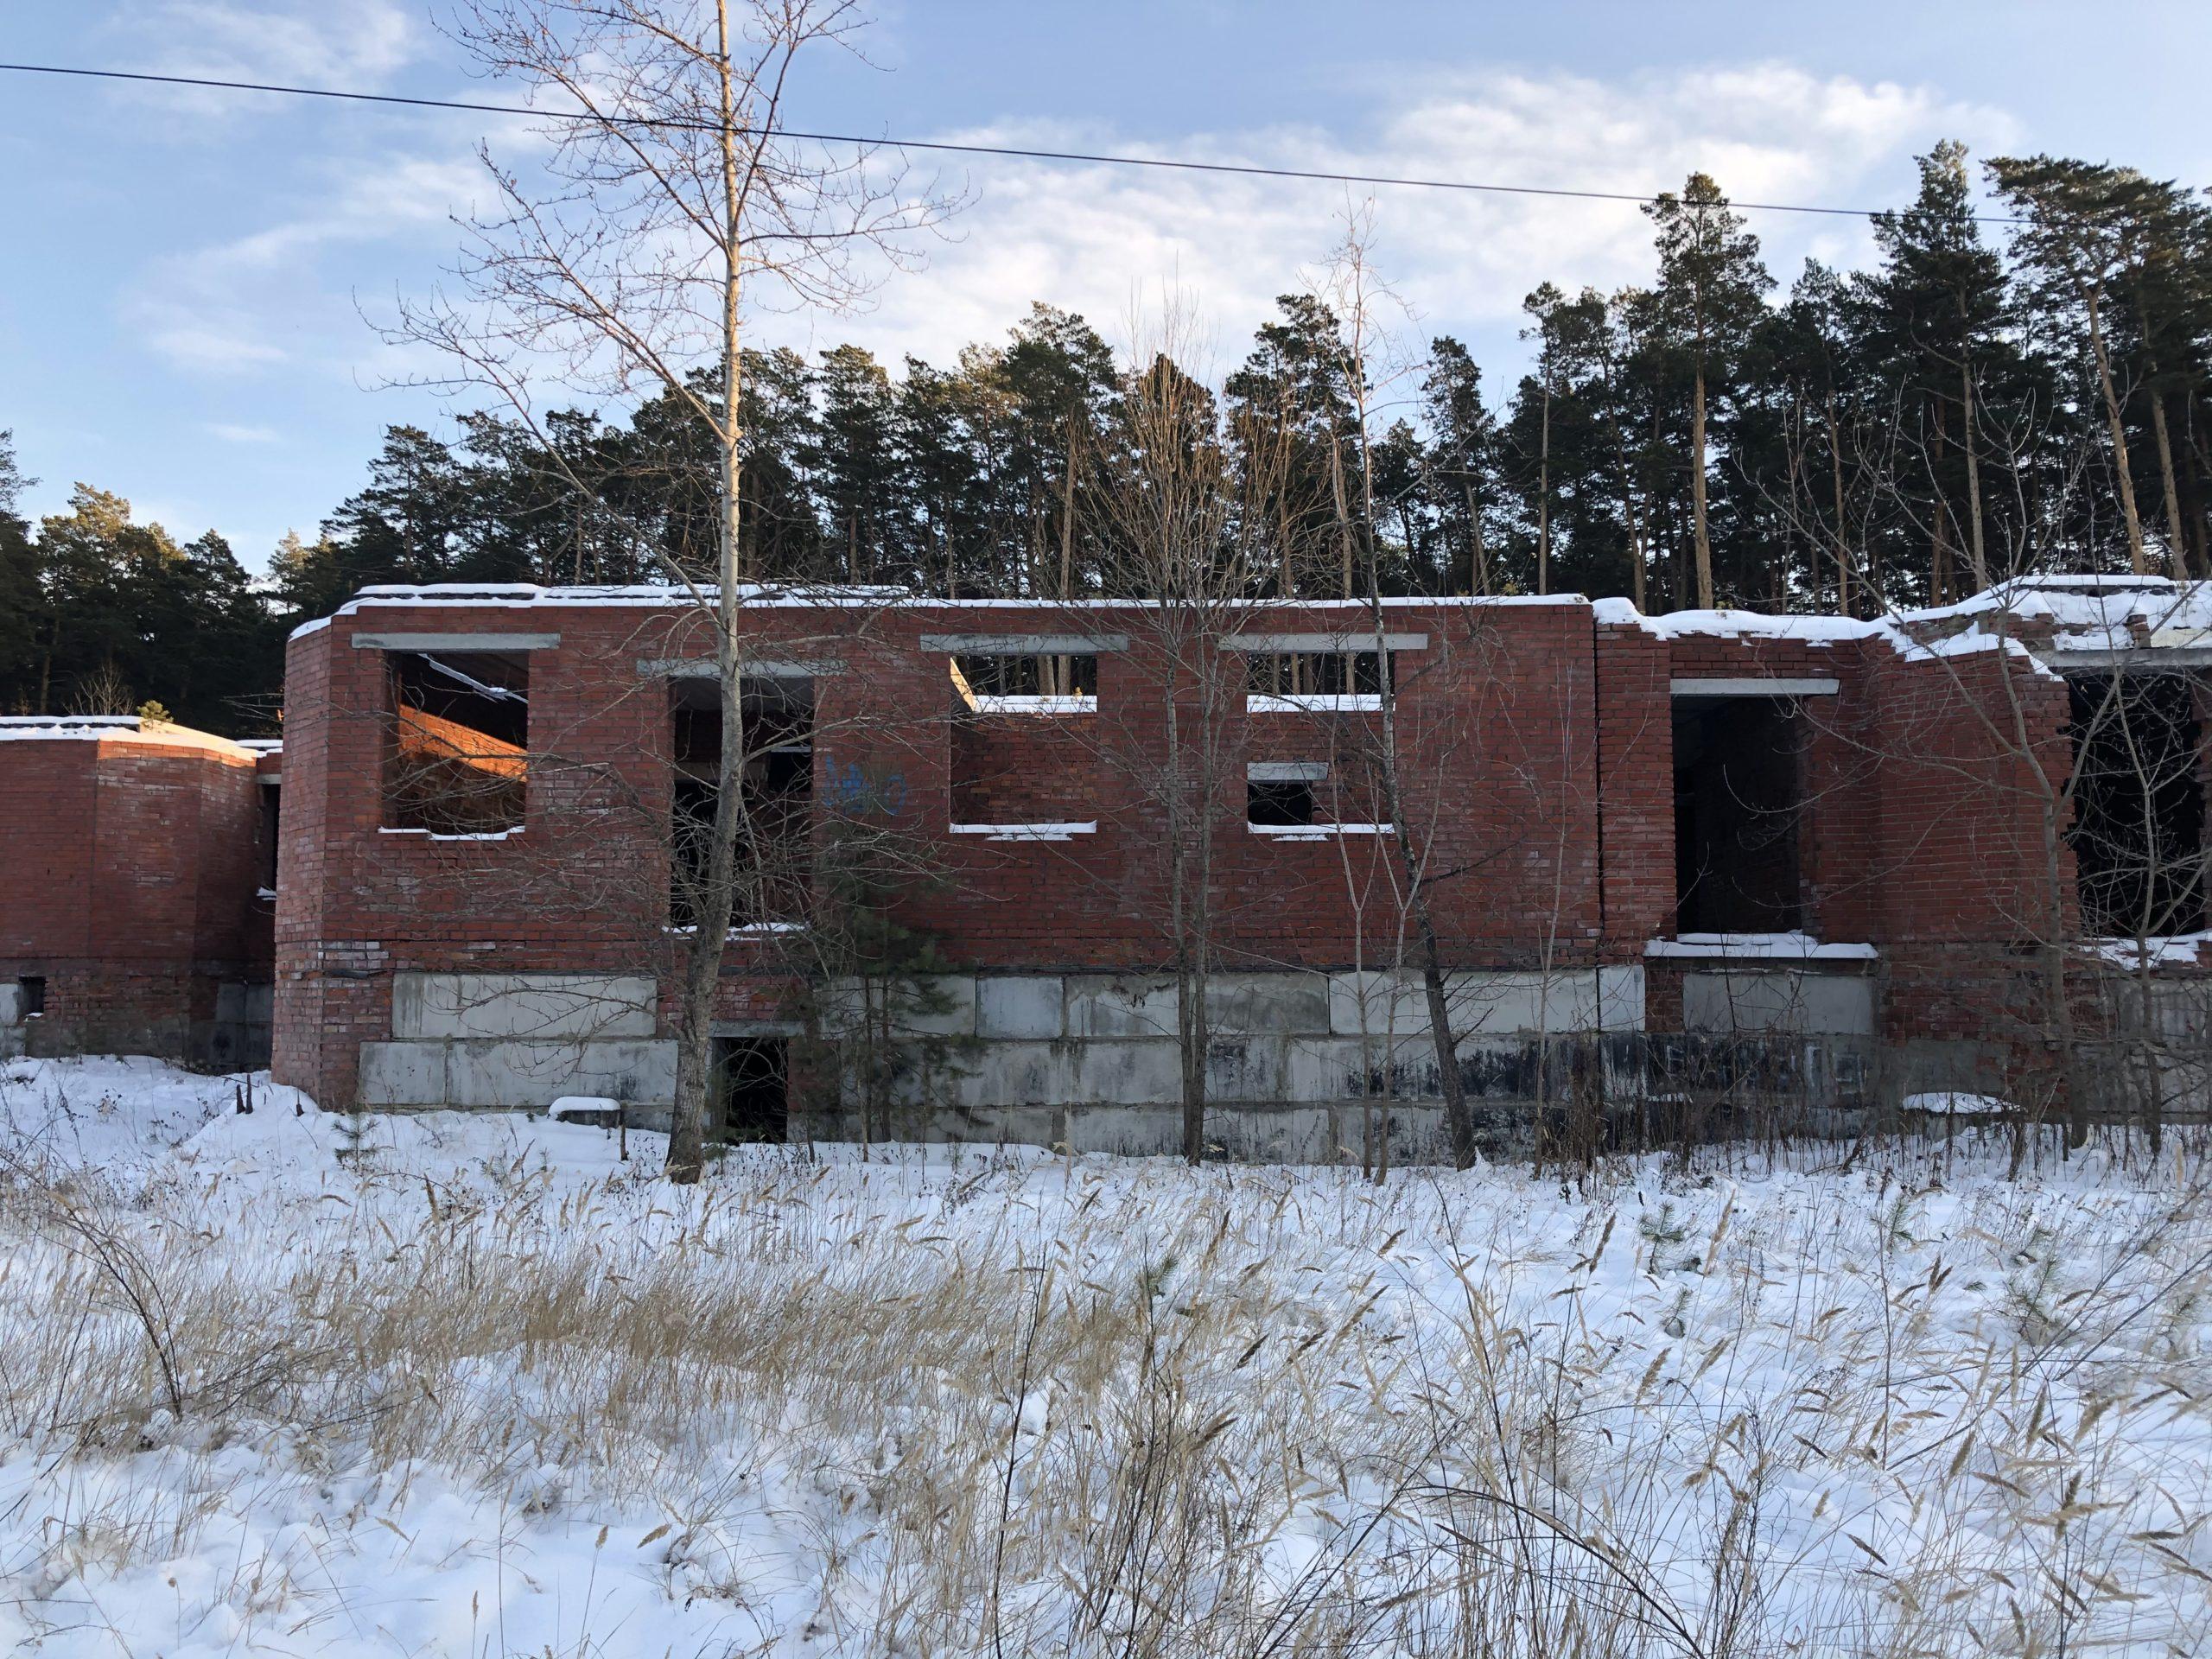 Объект незавершенного строительства, ранее поставленный на учет в ЕГРН, можно снести или демонтировать. На освободившемся месте можно строить новое здание.